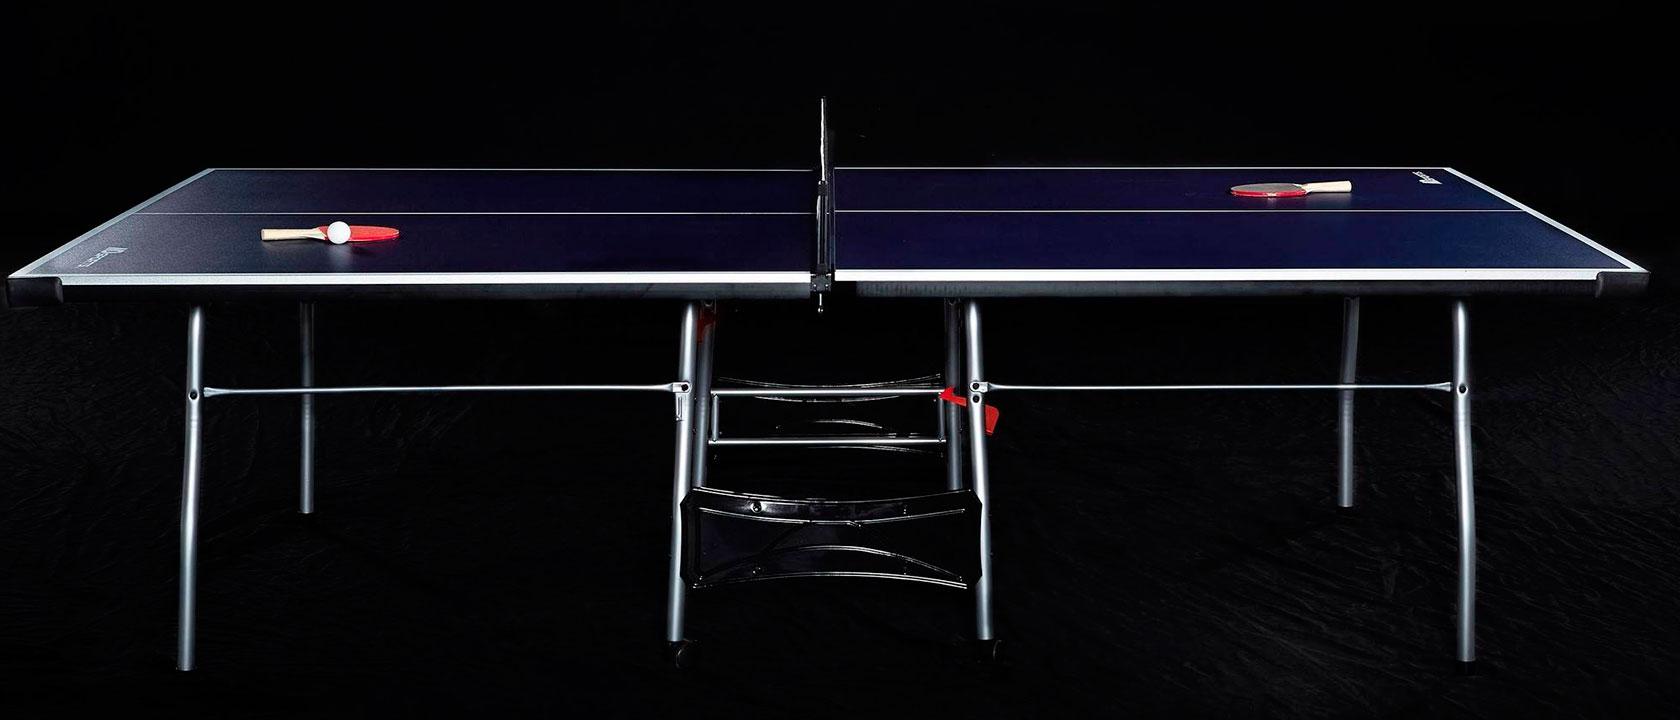 C mo elegir una mesa de ping pong para interior ofertas de mesas de ping pong - Mesa de ping pong precio ...